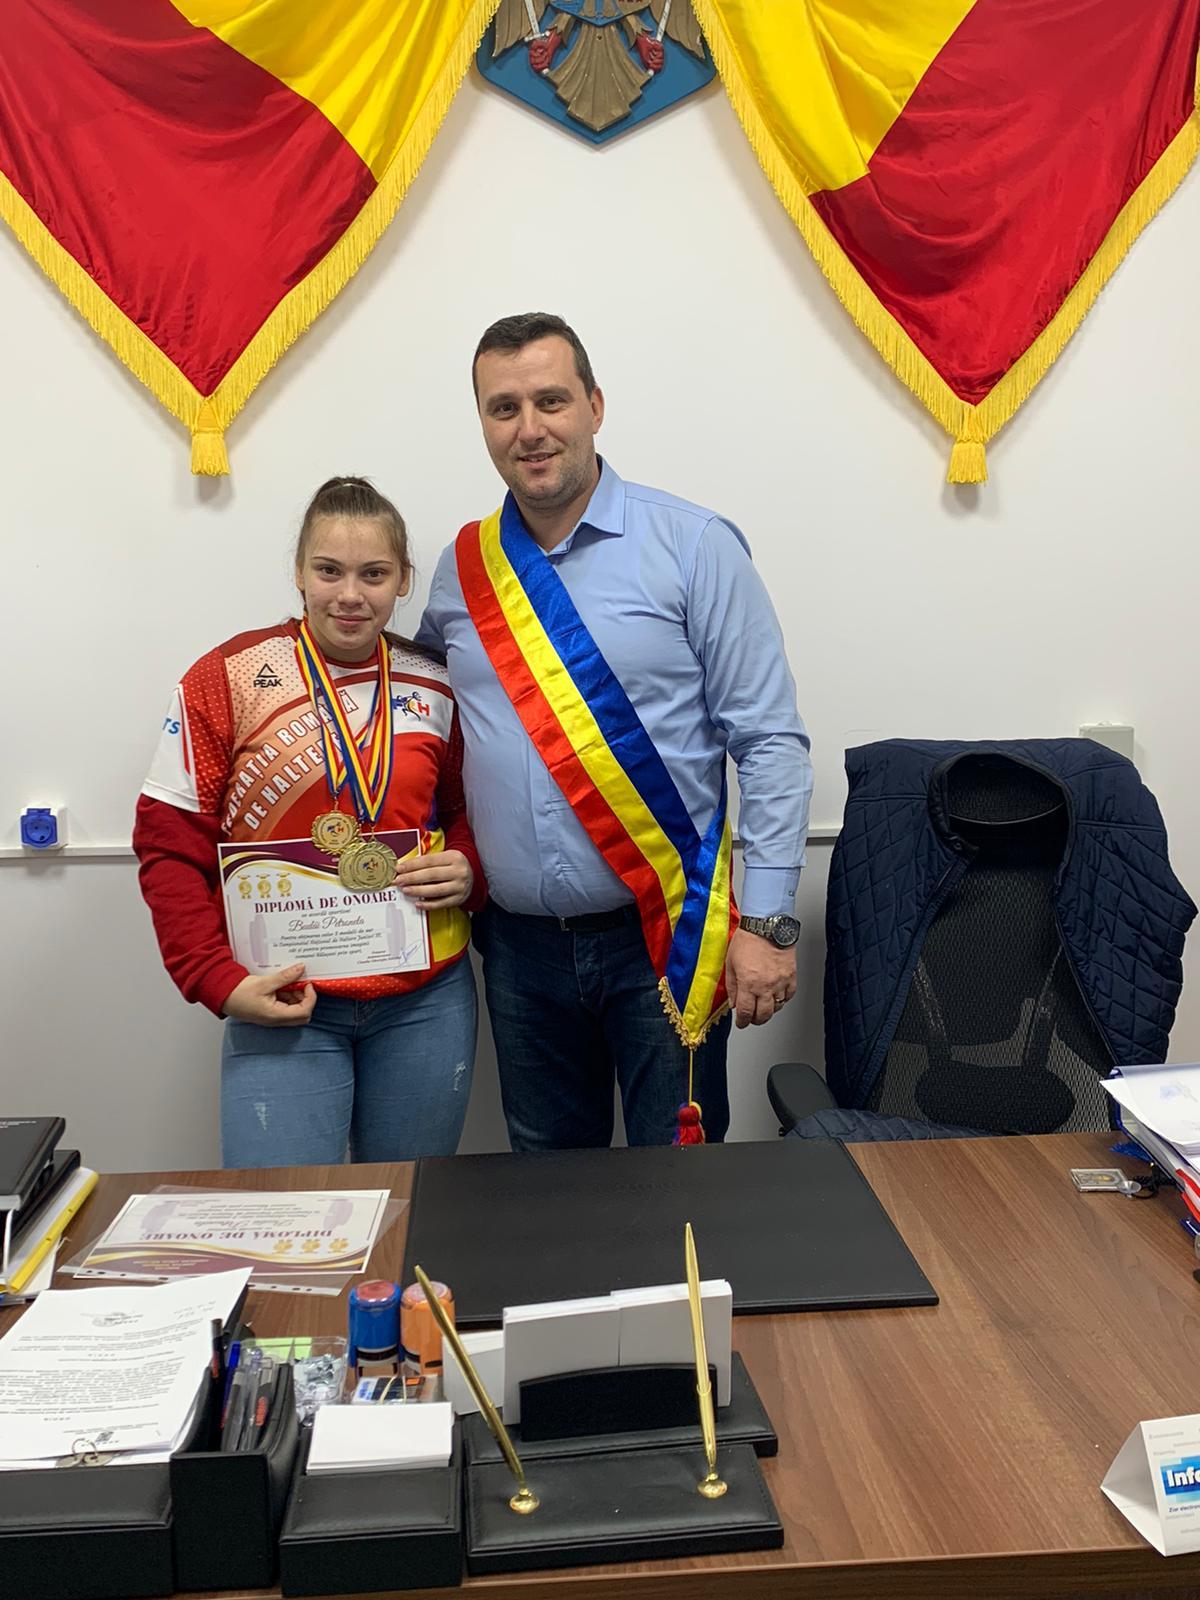 TRIPLA medaliată cu AUR din Baluseni premiată de conducerea Primăriei